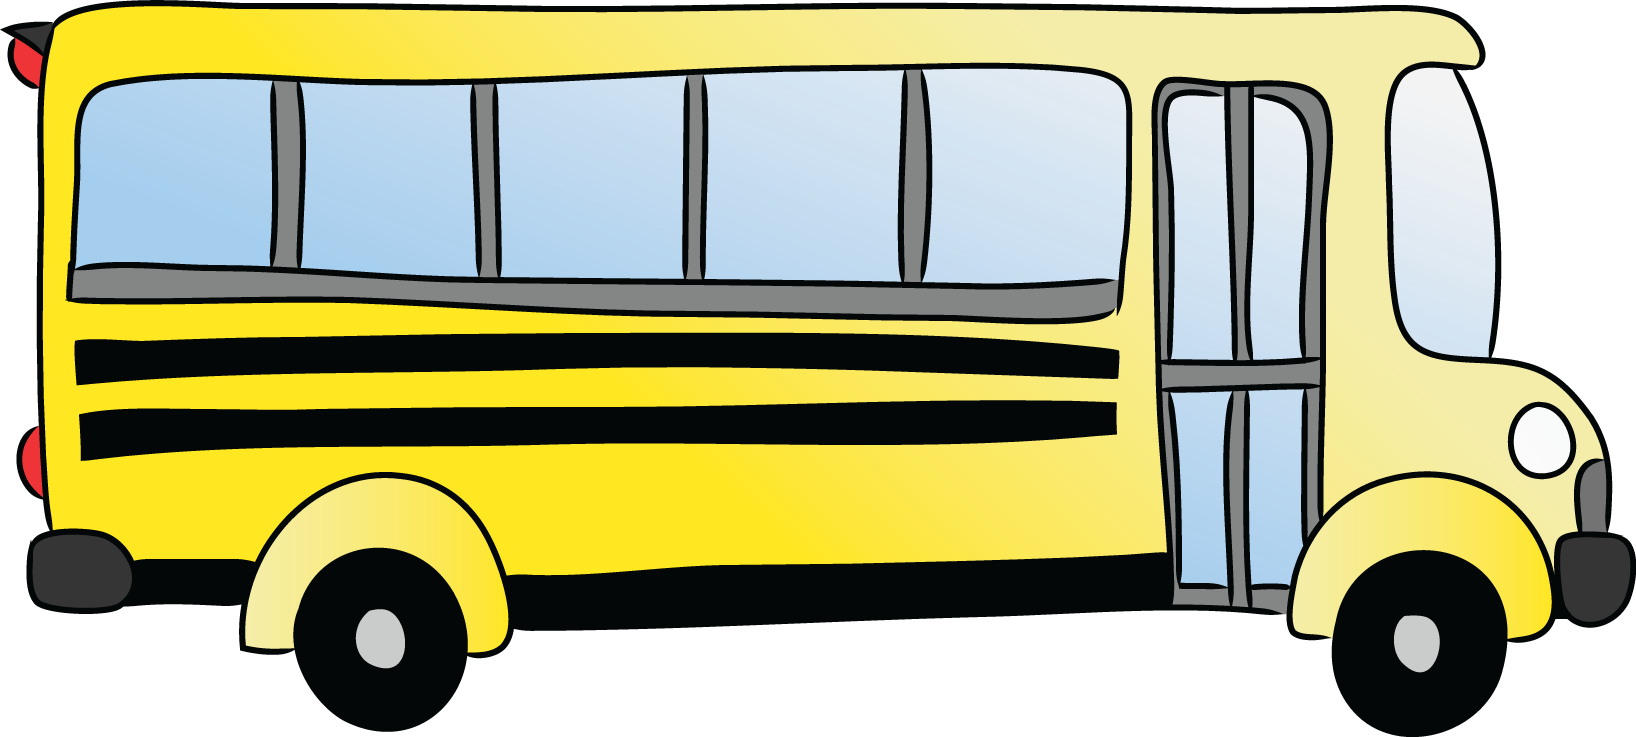 1636x737 School Bus Clipart Images 3 School Clip Art Vector 4 Clipartix 8